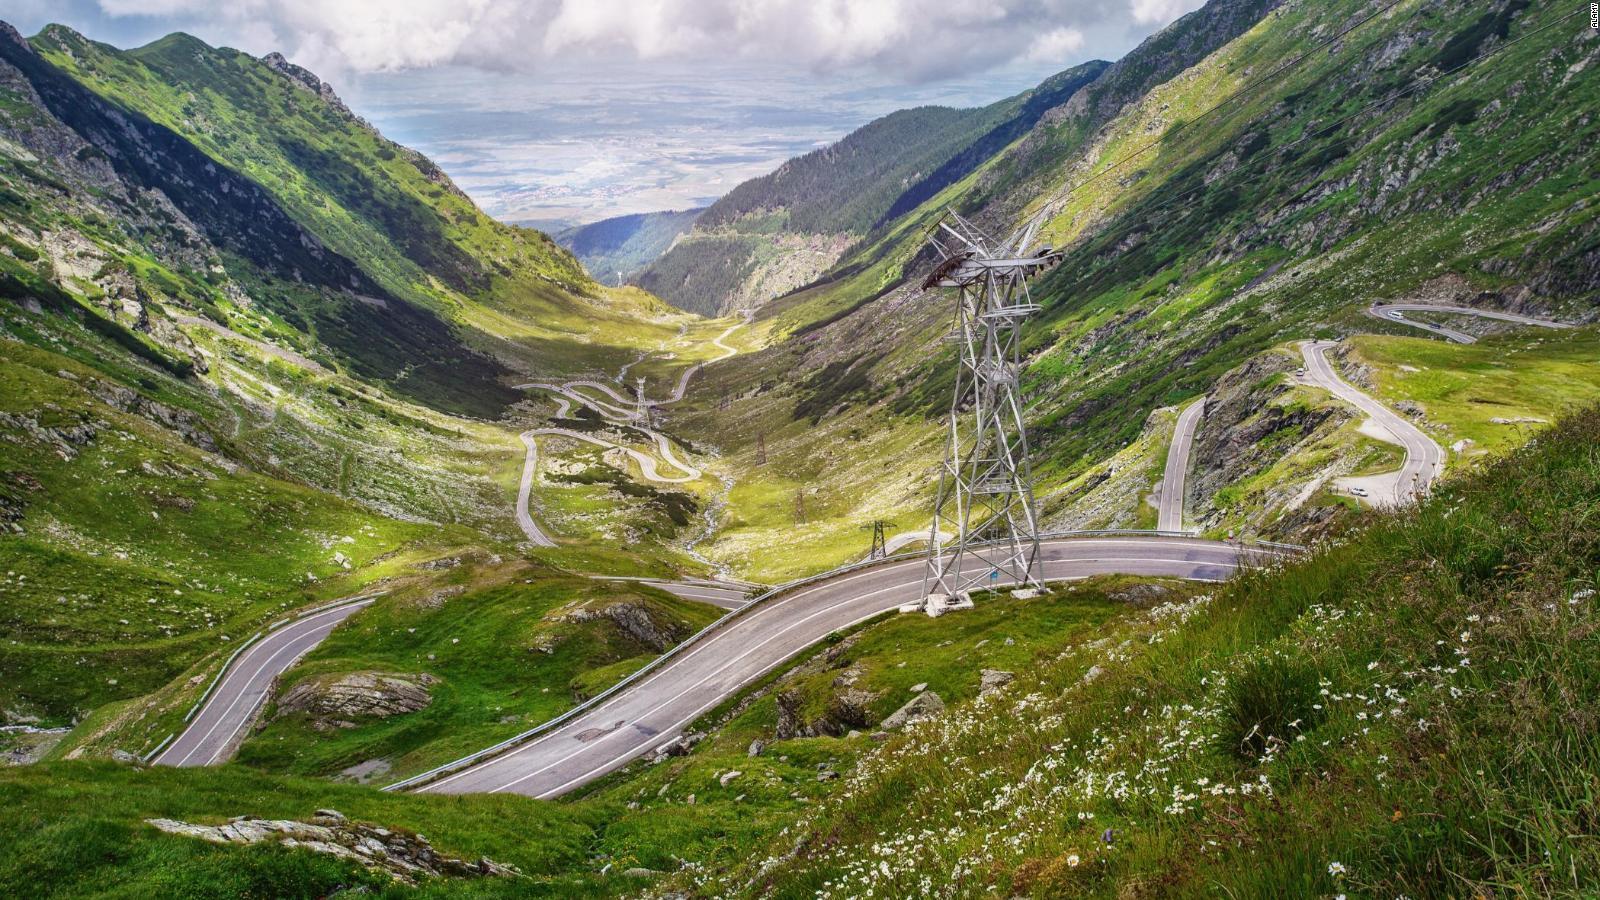 harrowing roads